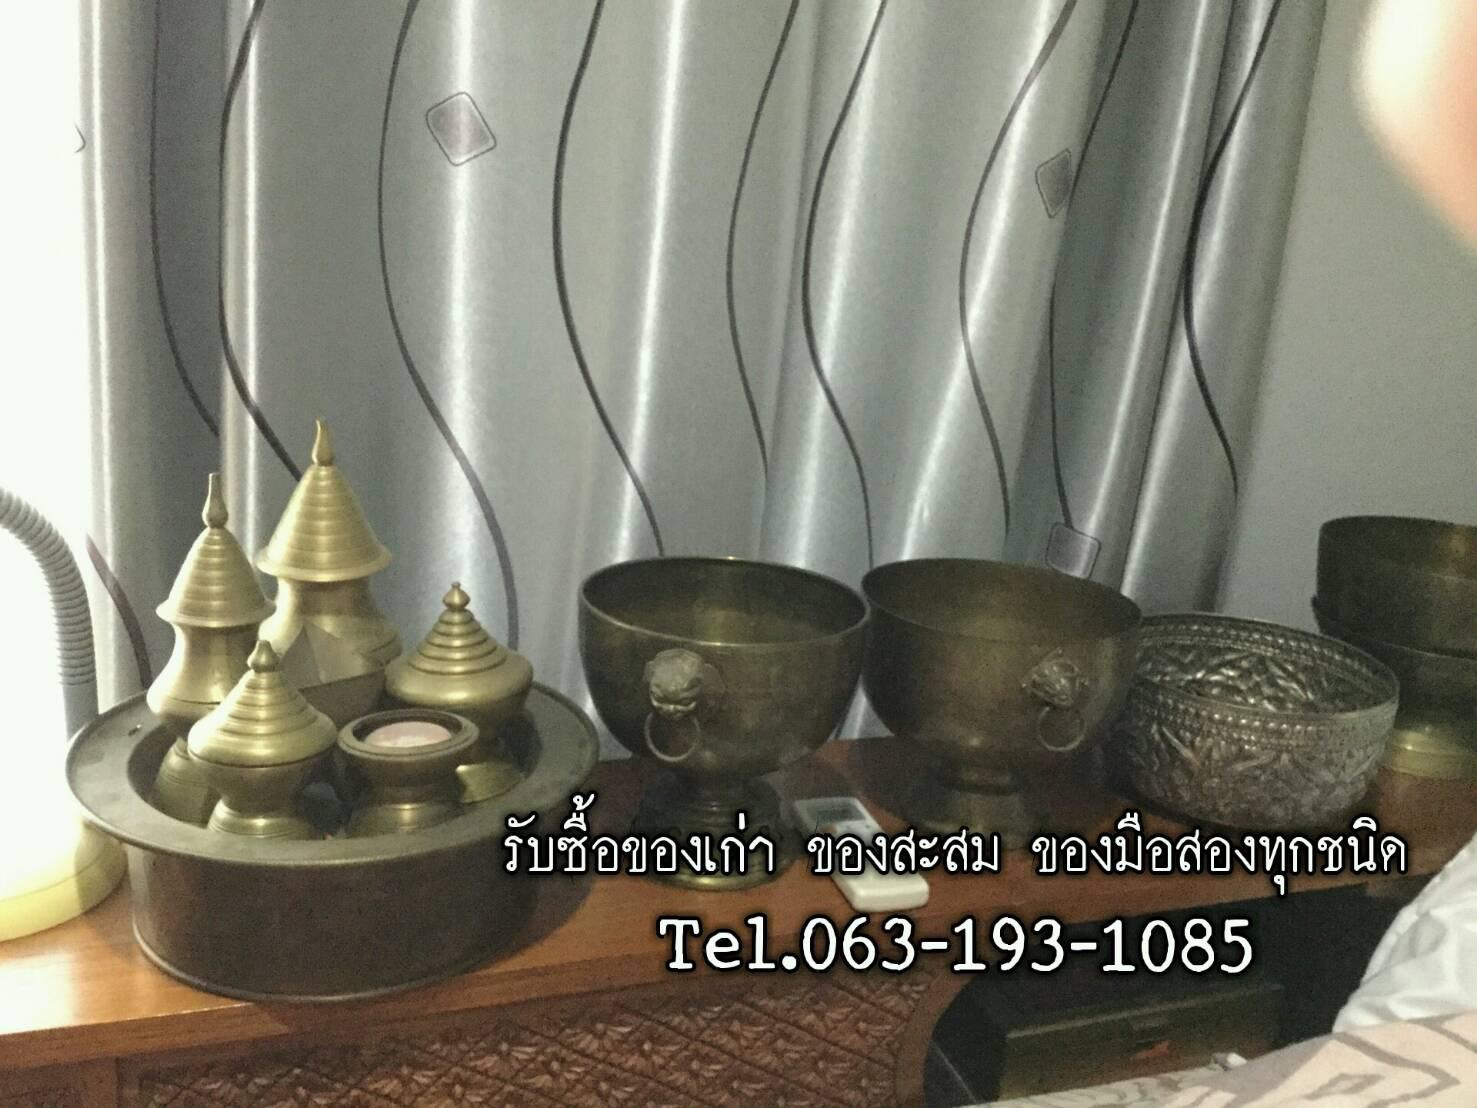 รับซื้องานทองเหลืองเก่า รับซื้อของโบราณถึงบ้าน รับซื้อของสะสมถึงบ้าน รับซื้อของมือสองถึงบ้าน รับซื้อของเก่าถึงบ้าน รับซื้อของมือสองถึงบ้าน